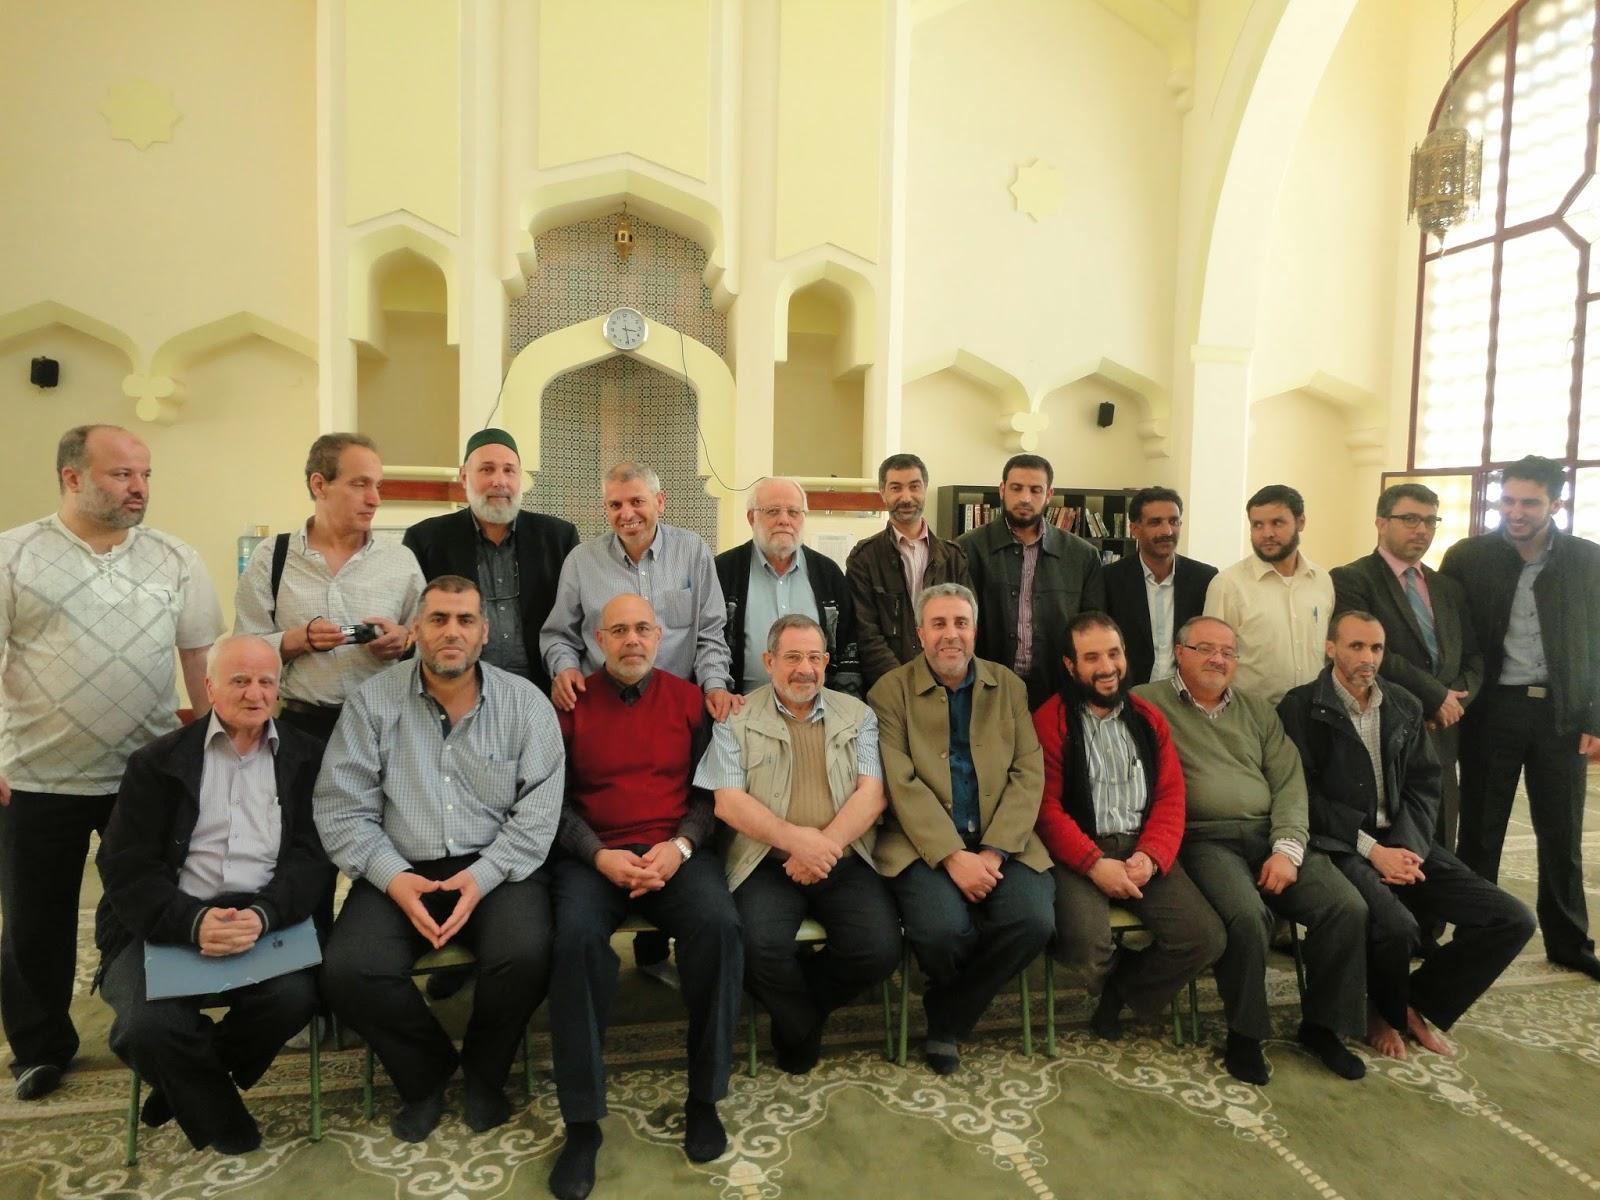 الاجتماع العادي الأول لمجلس شورى اتحاد الجمعيات الاسلامية بإسبانيا لعام 2014